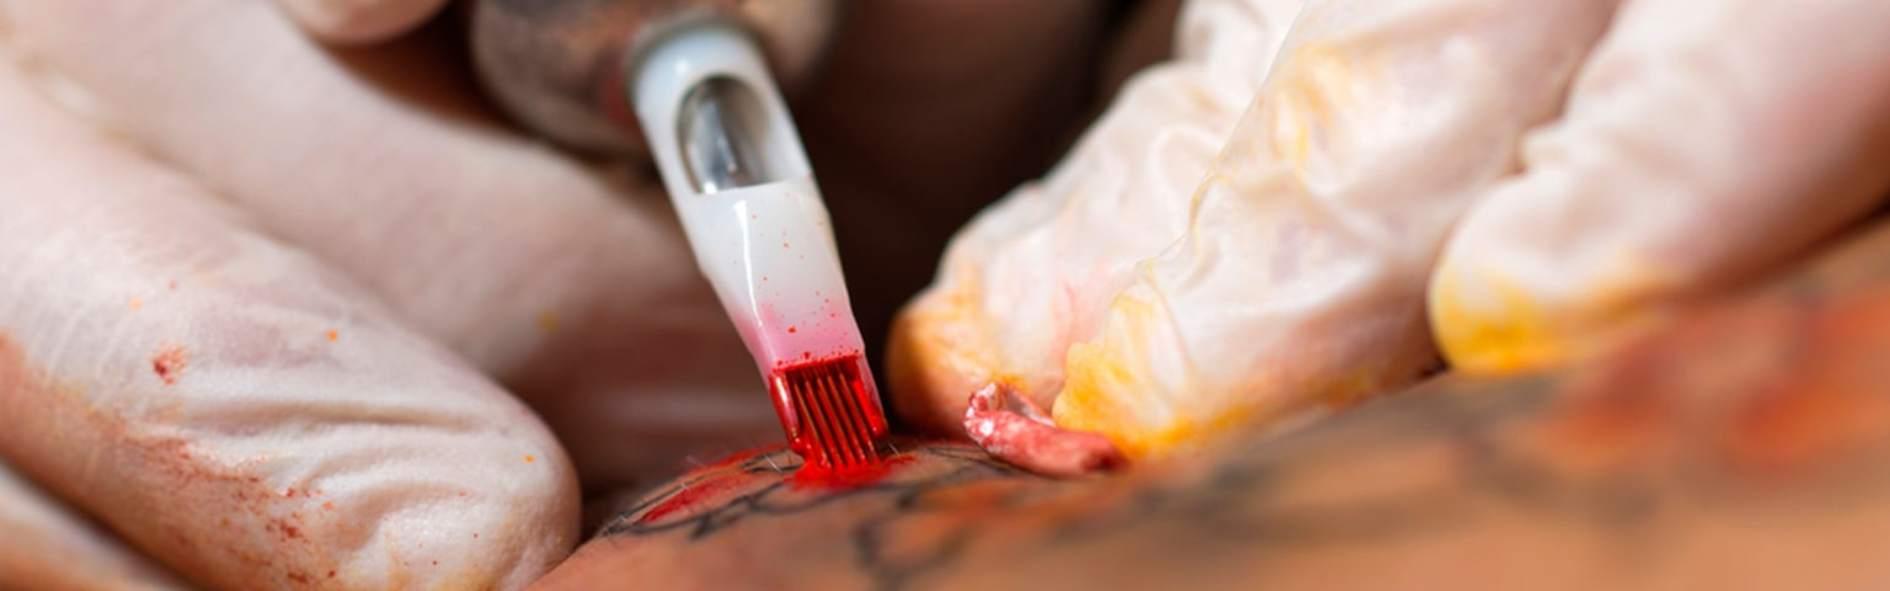 Conoce las agujas de tatuar y sus diferencias